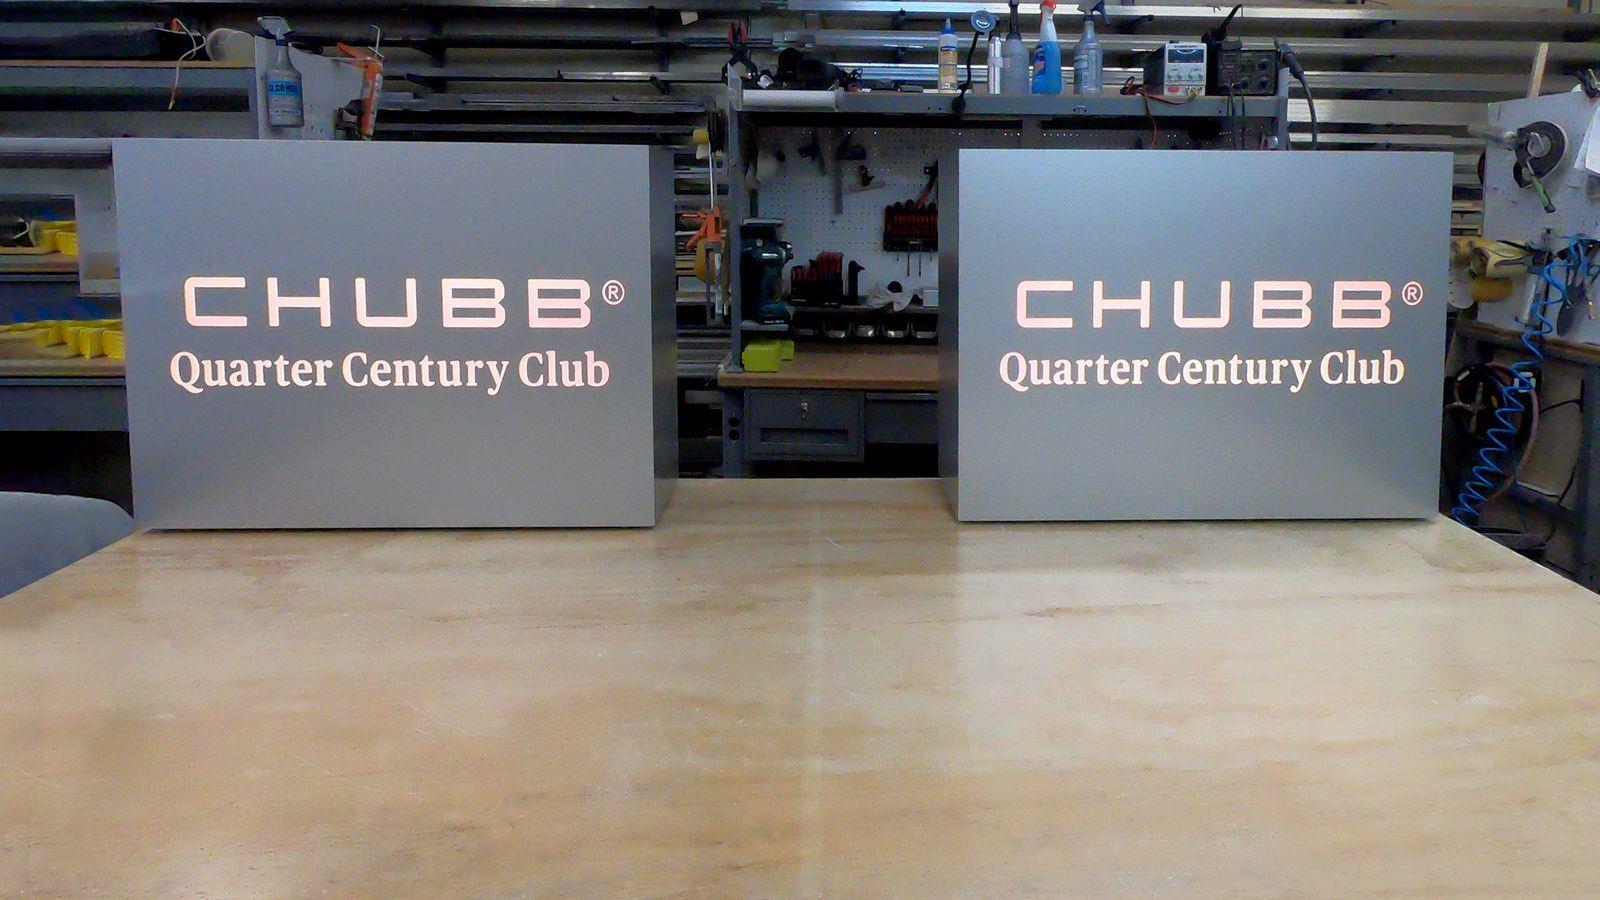 chubb light box signs